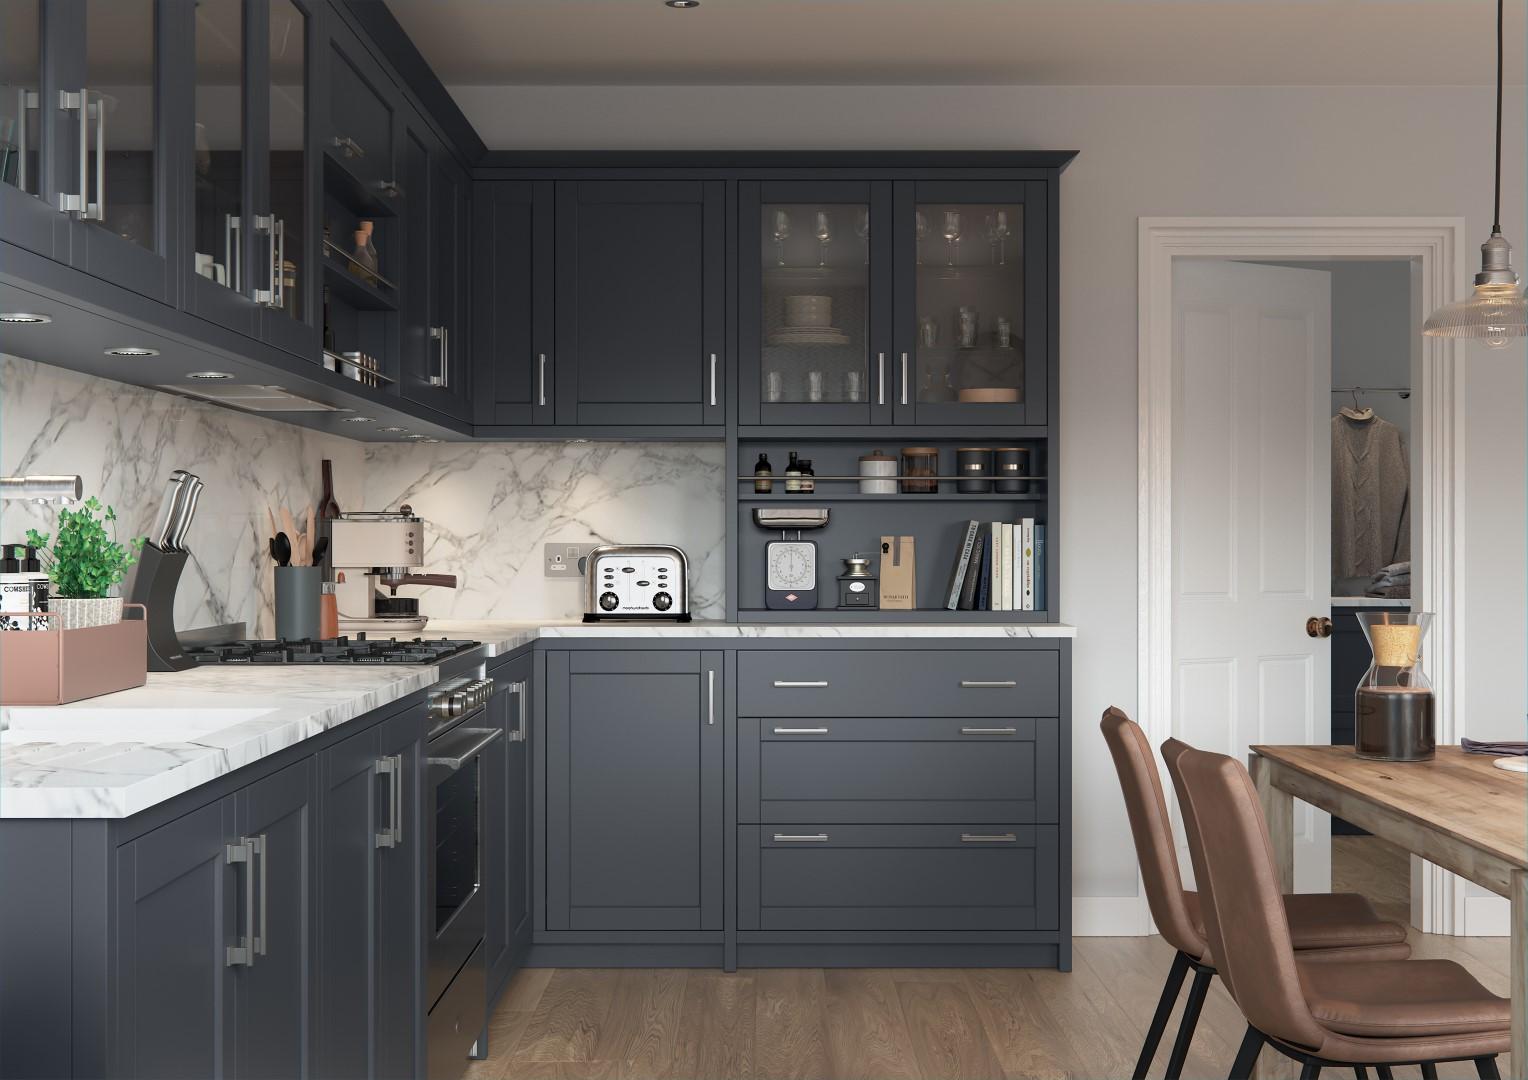 Dawson Indigo - Kitchen Design - Alan Kelly Kitchens - Waterford - 4